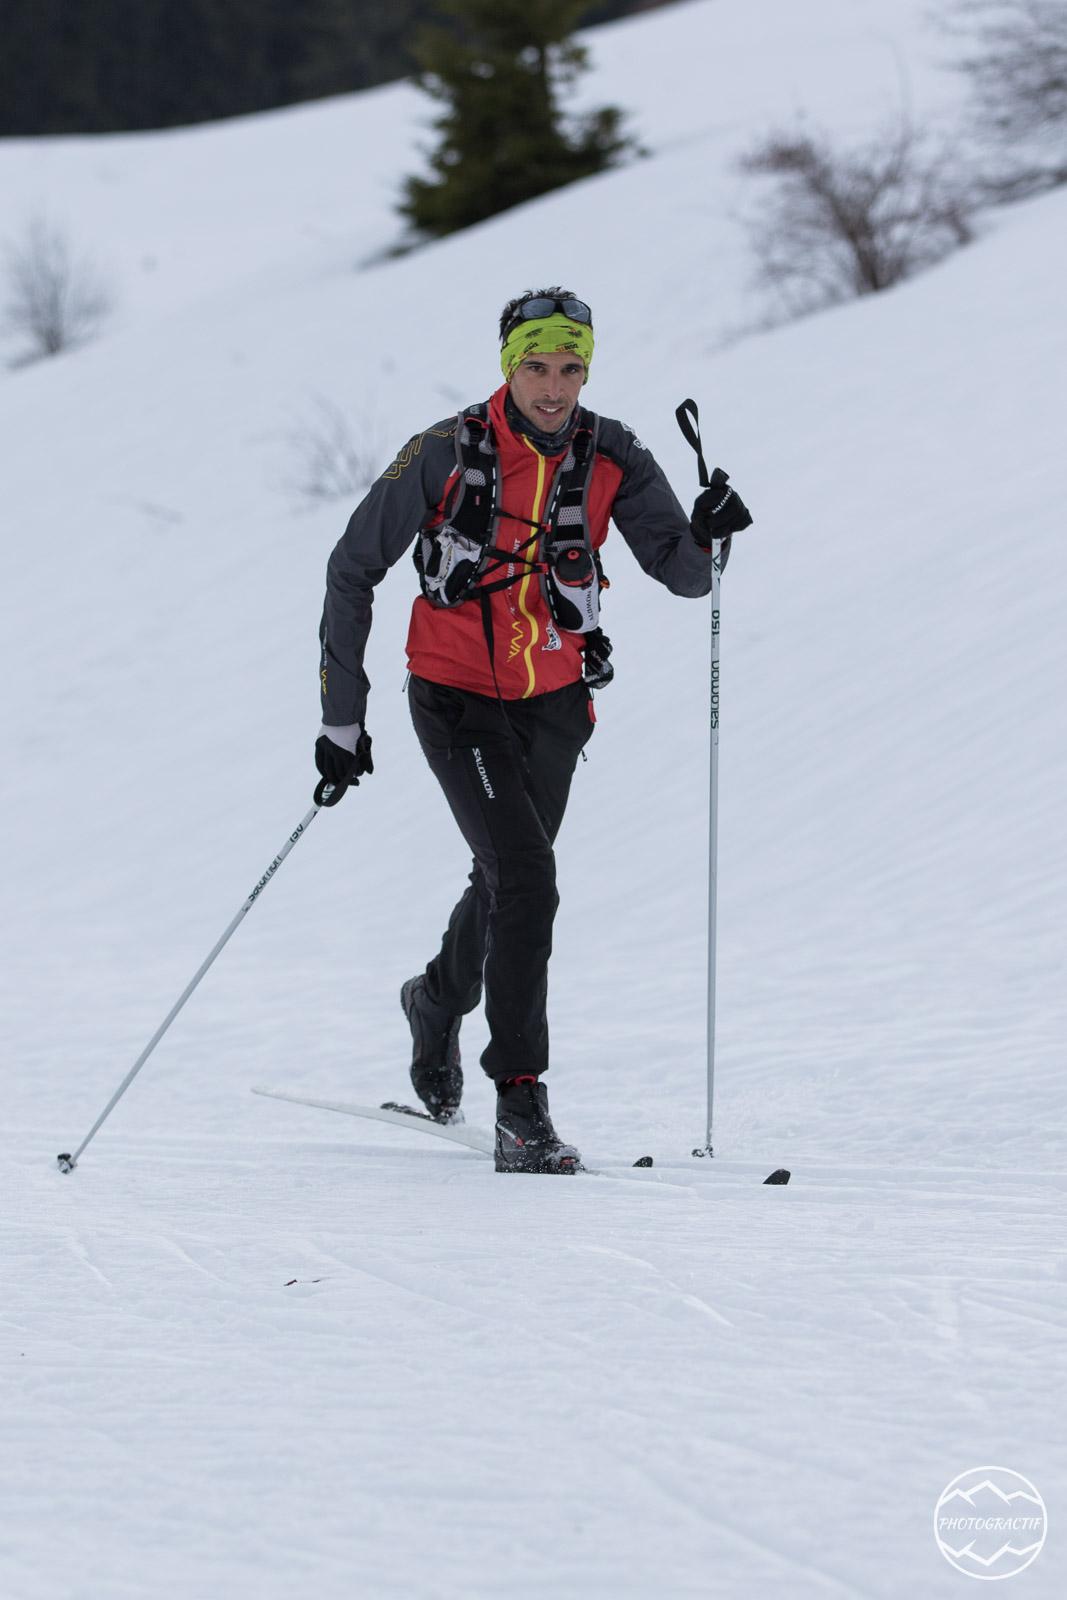 DSN Entrainement Ski Raquettes (9)